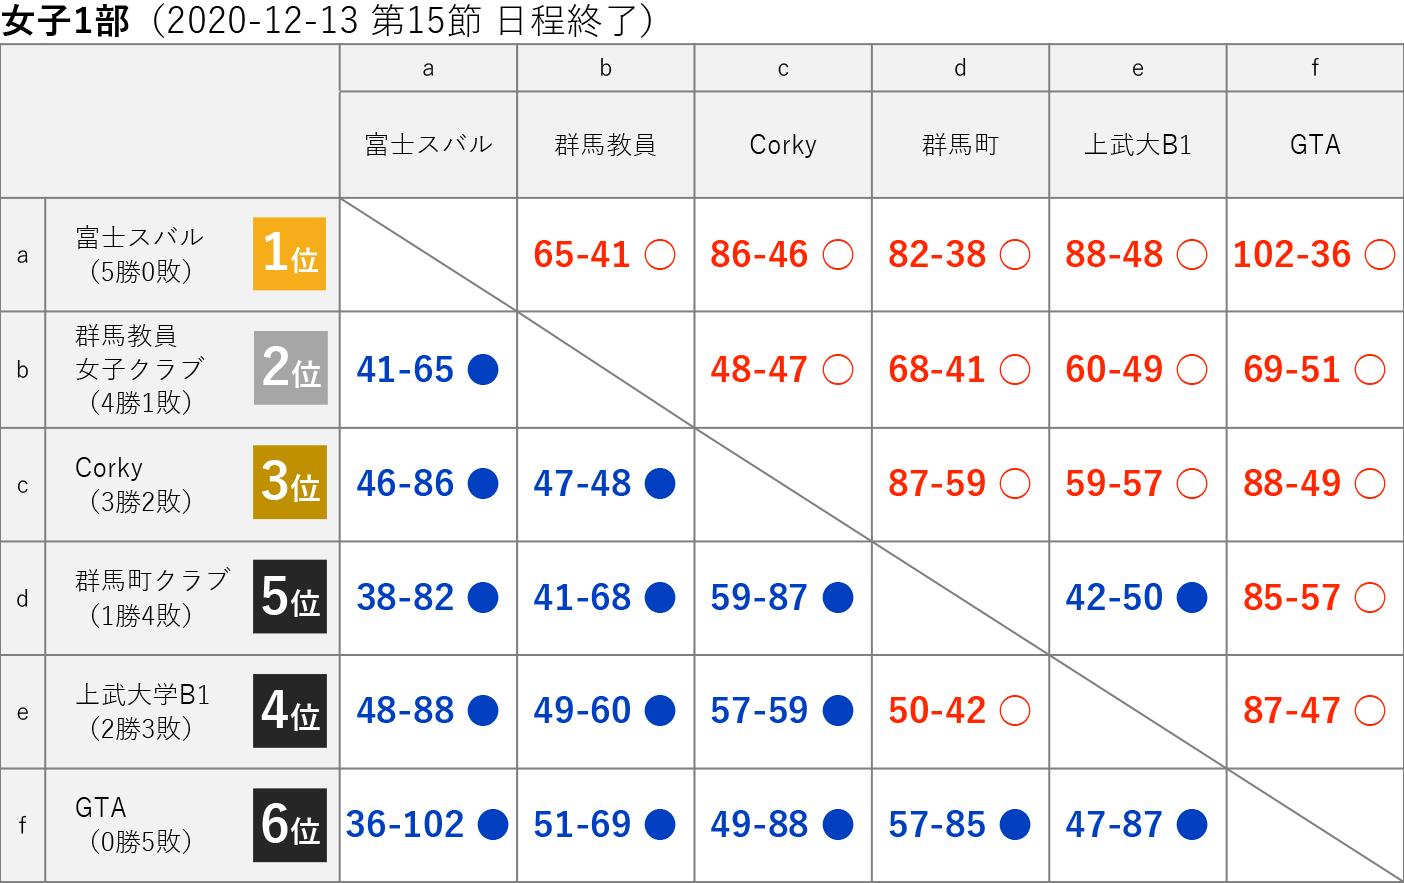 2020社会人リーグ 女子1部 星取り表 2020-12-13(第15節日程終了)